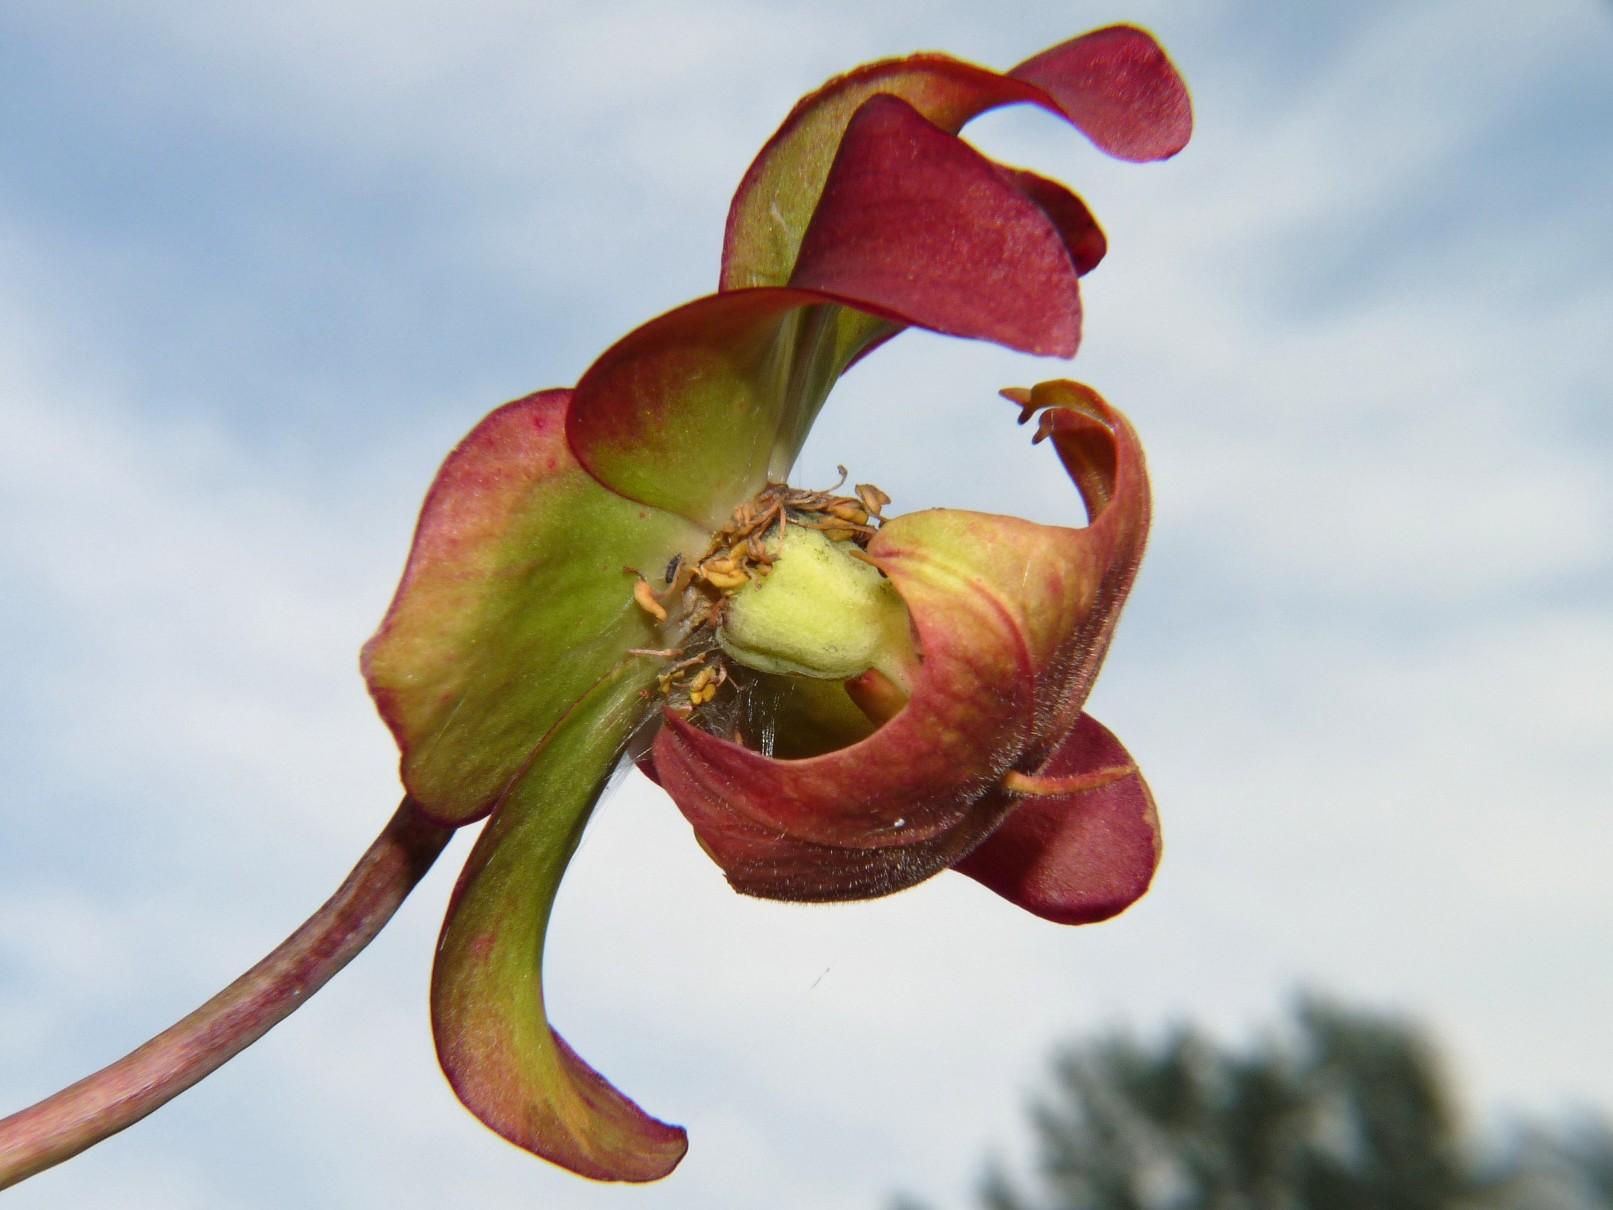 Donica na działce 2017 - kwiat kapturnicy 9